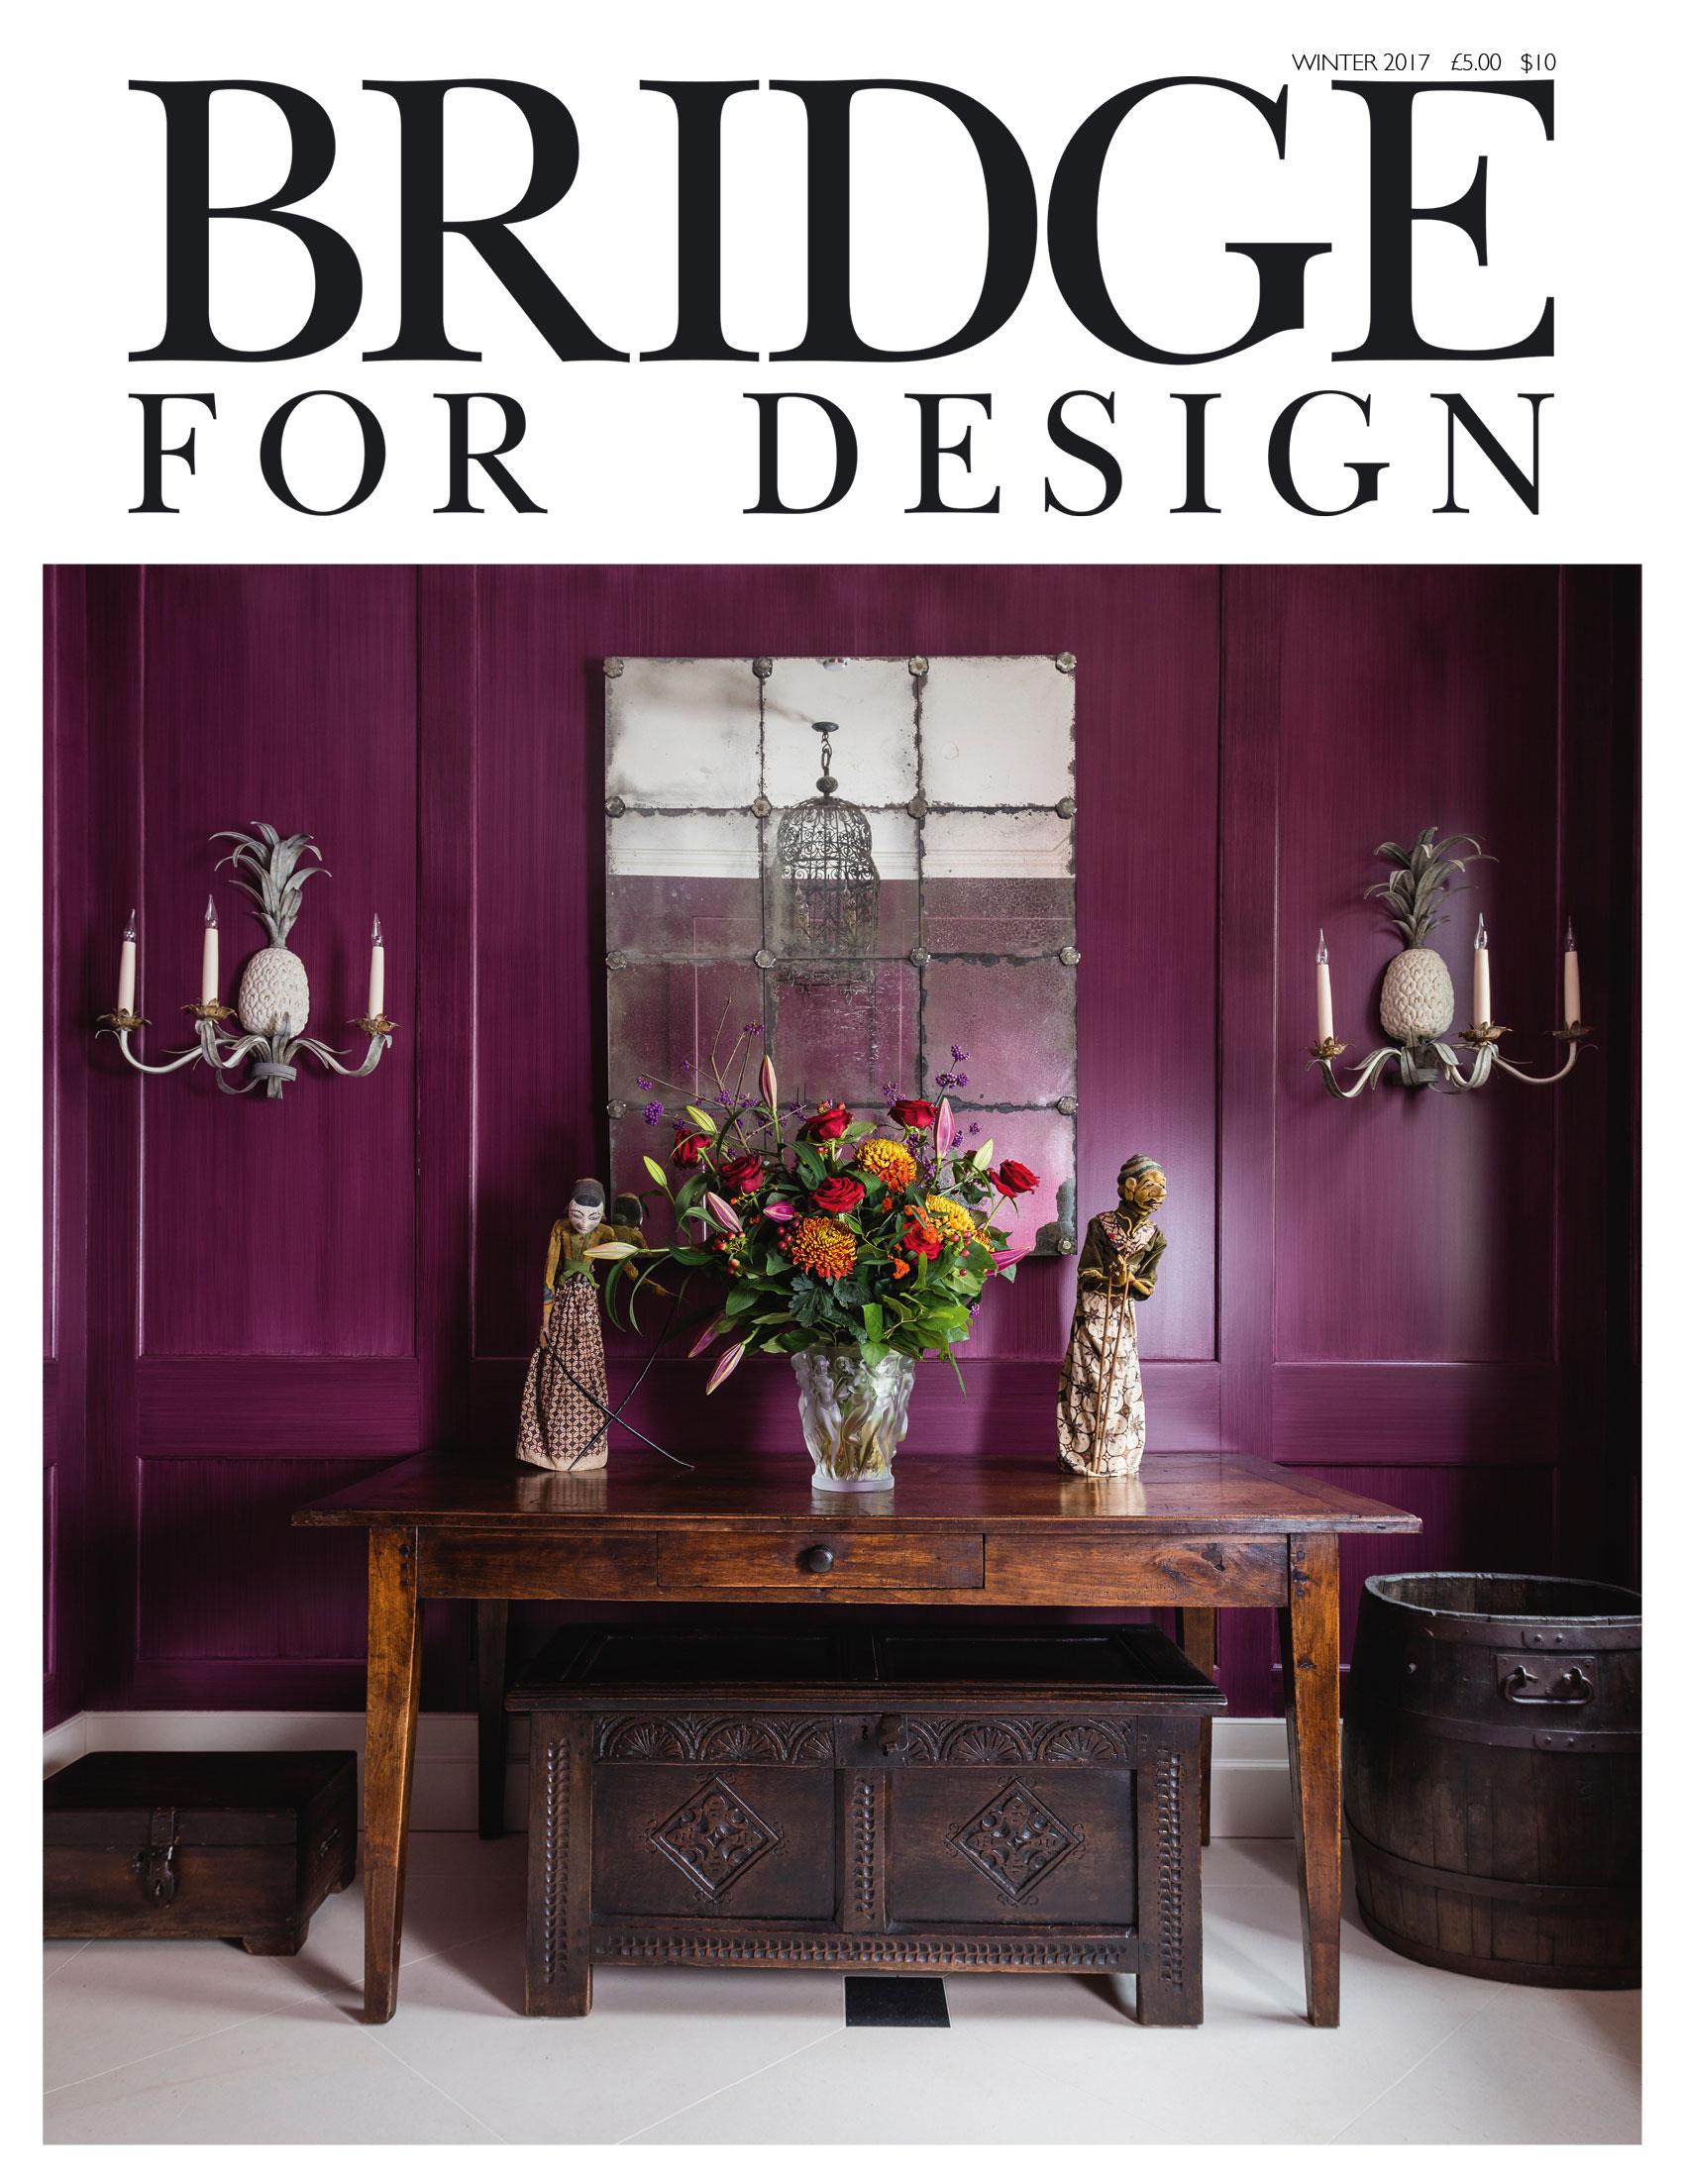 BRIDGE FOR DESIGN - WINTER 2017 1